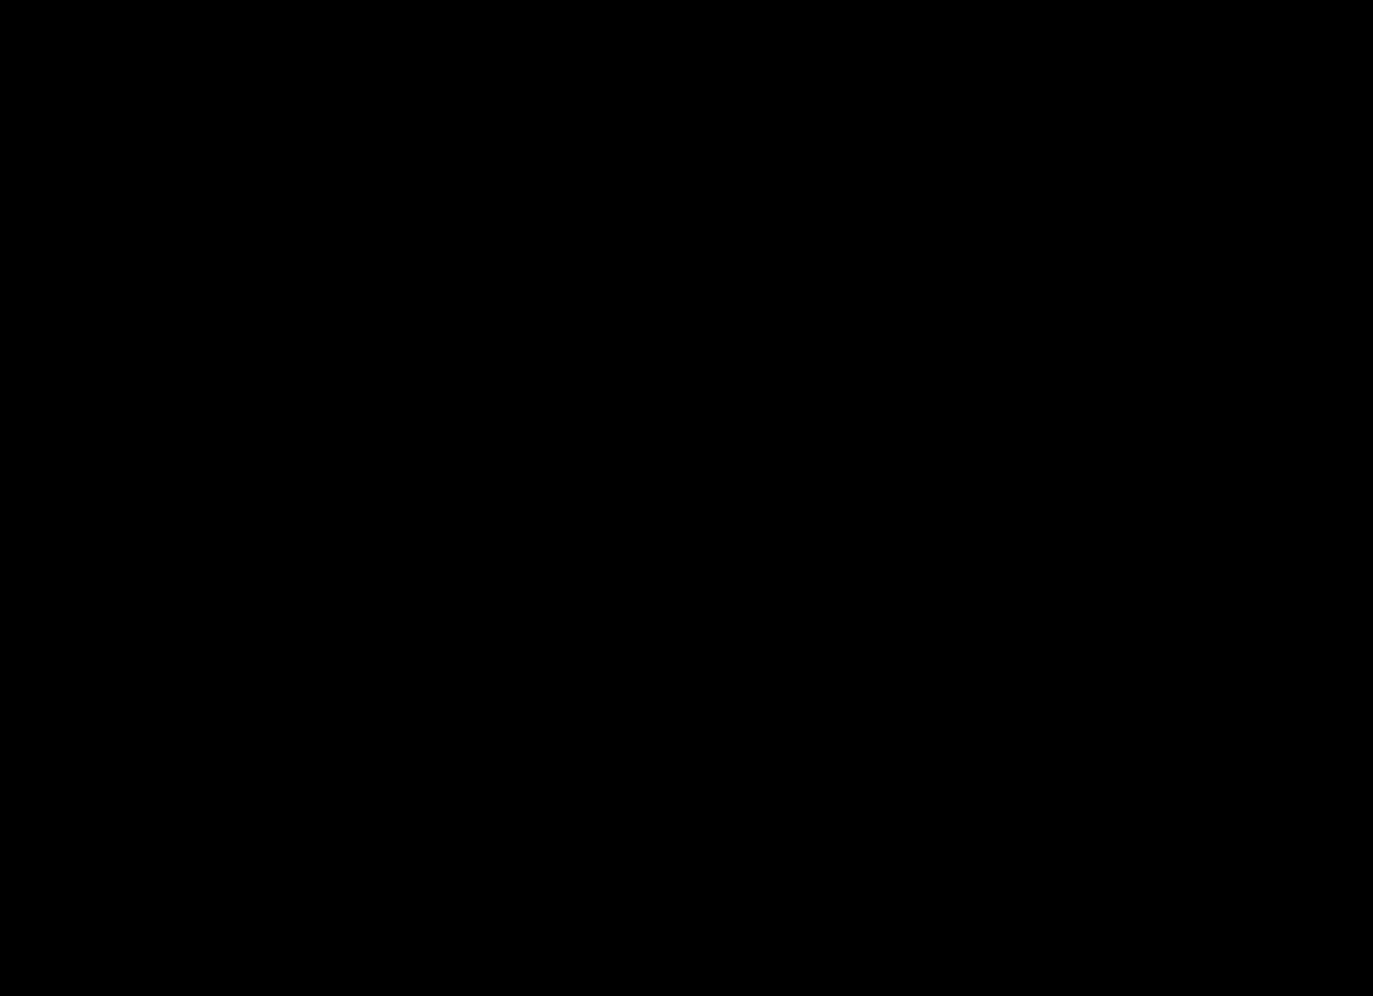 illus-2.png